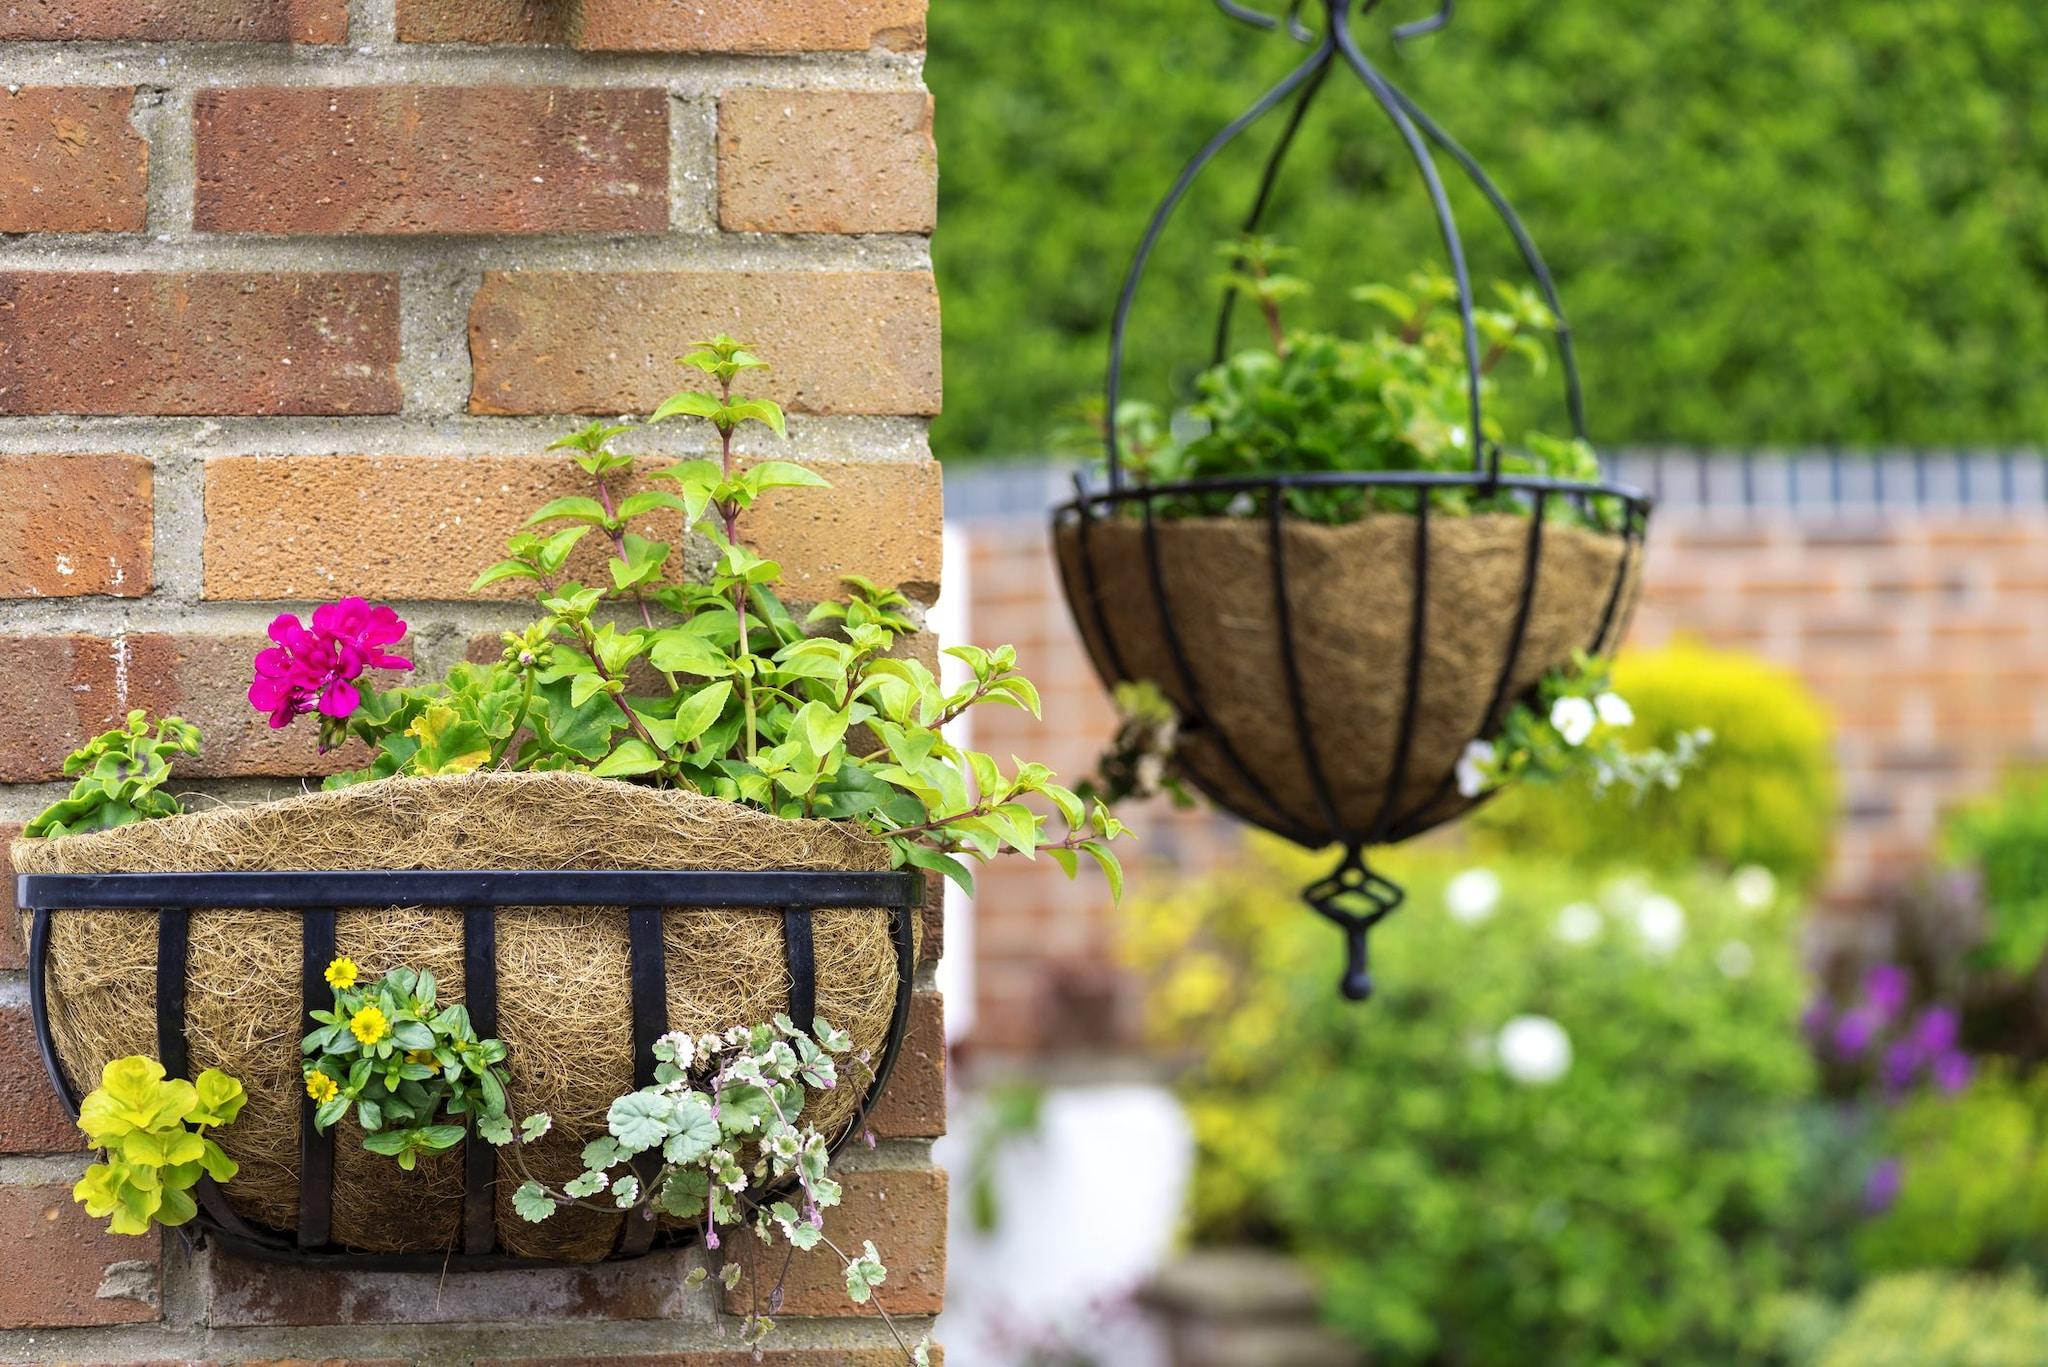 Arredare Un Giardino Idee come arredare un giardino senza spendere molto